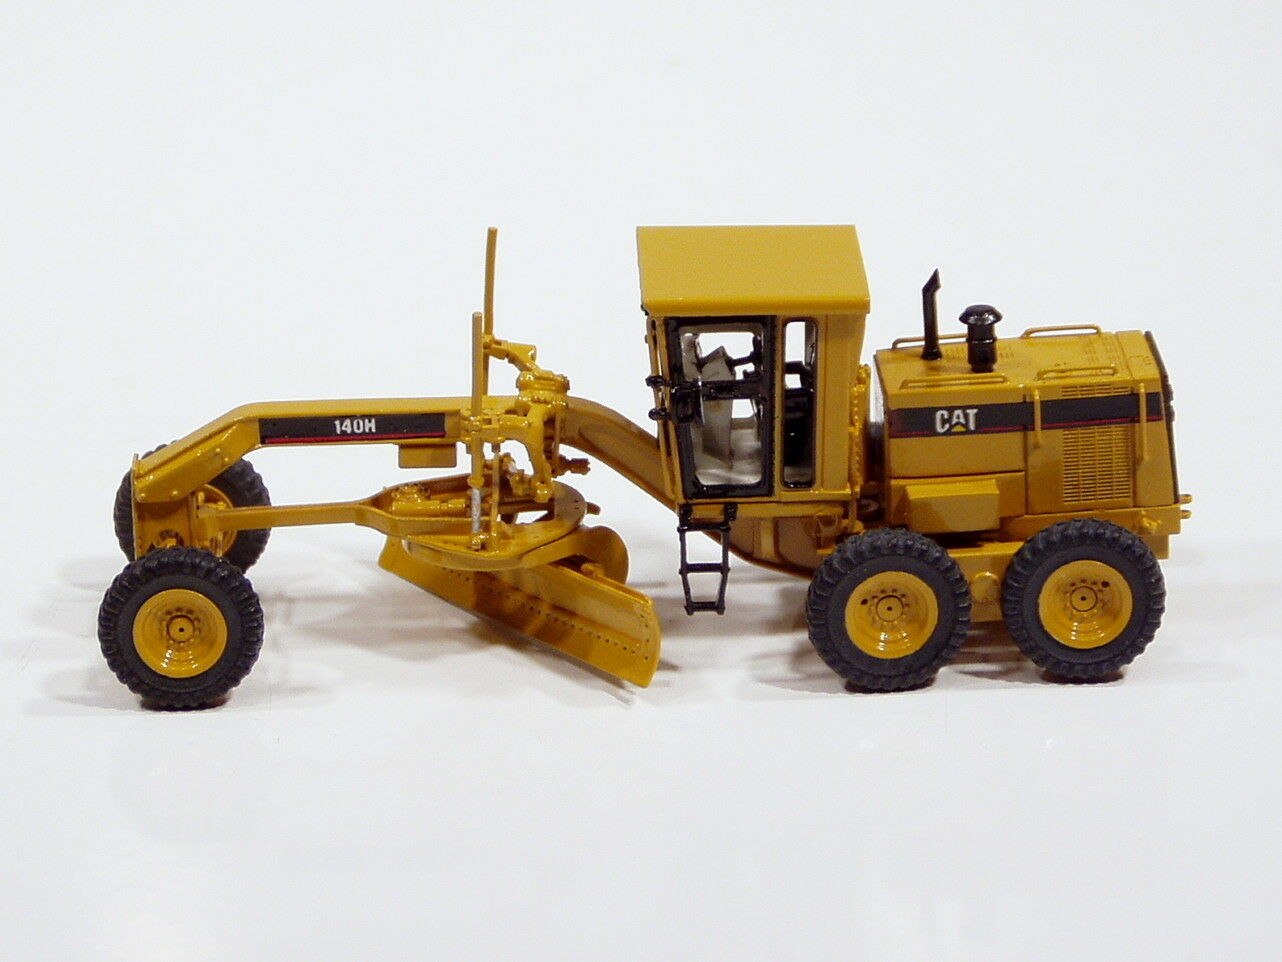 Caterpillar 140H Grader - 1 87 - Brass - CCM - Mint - No Box